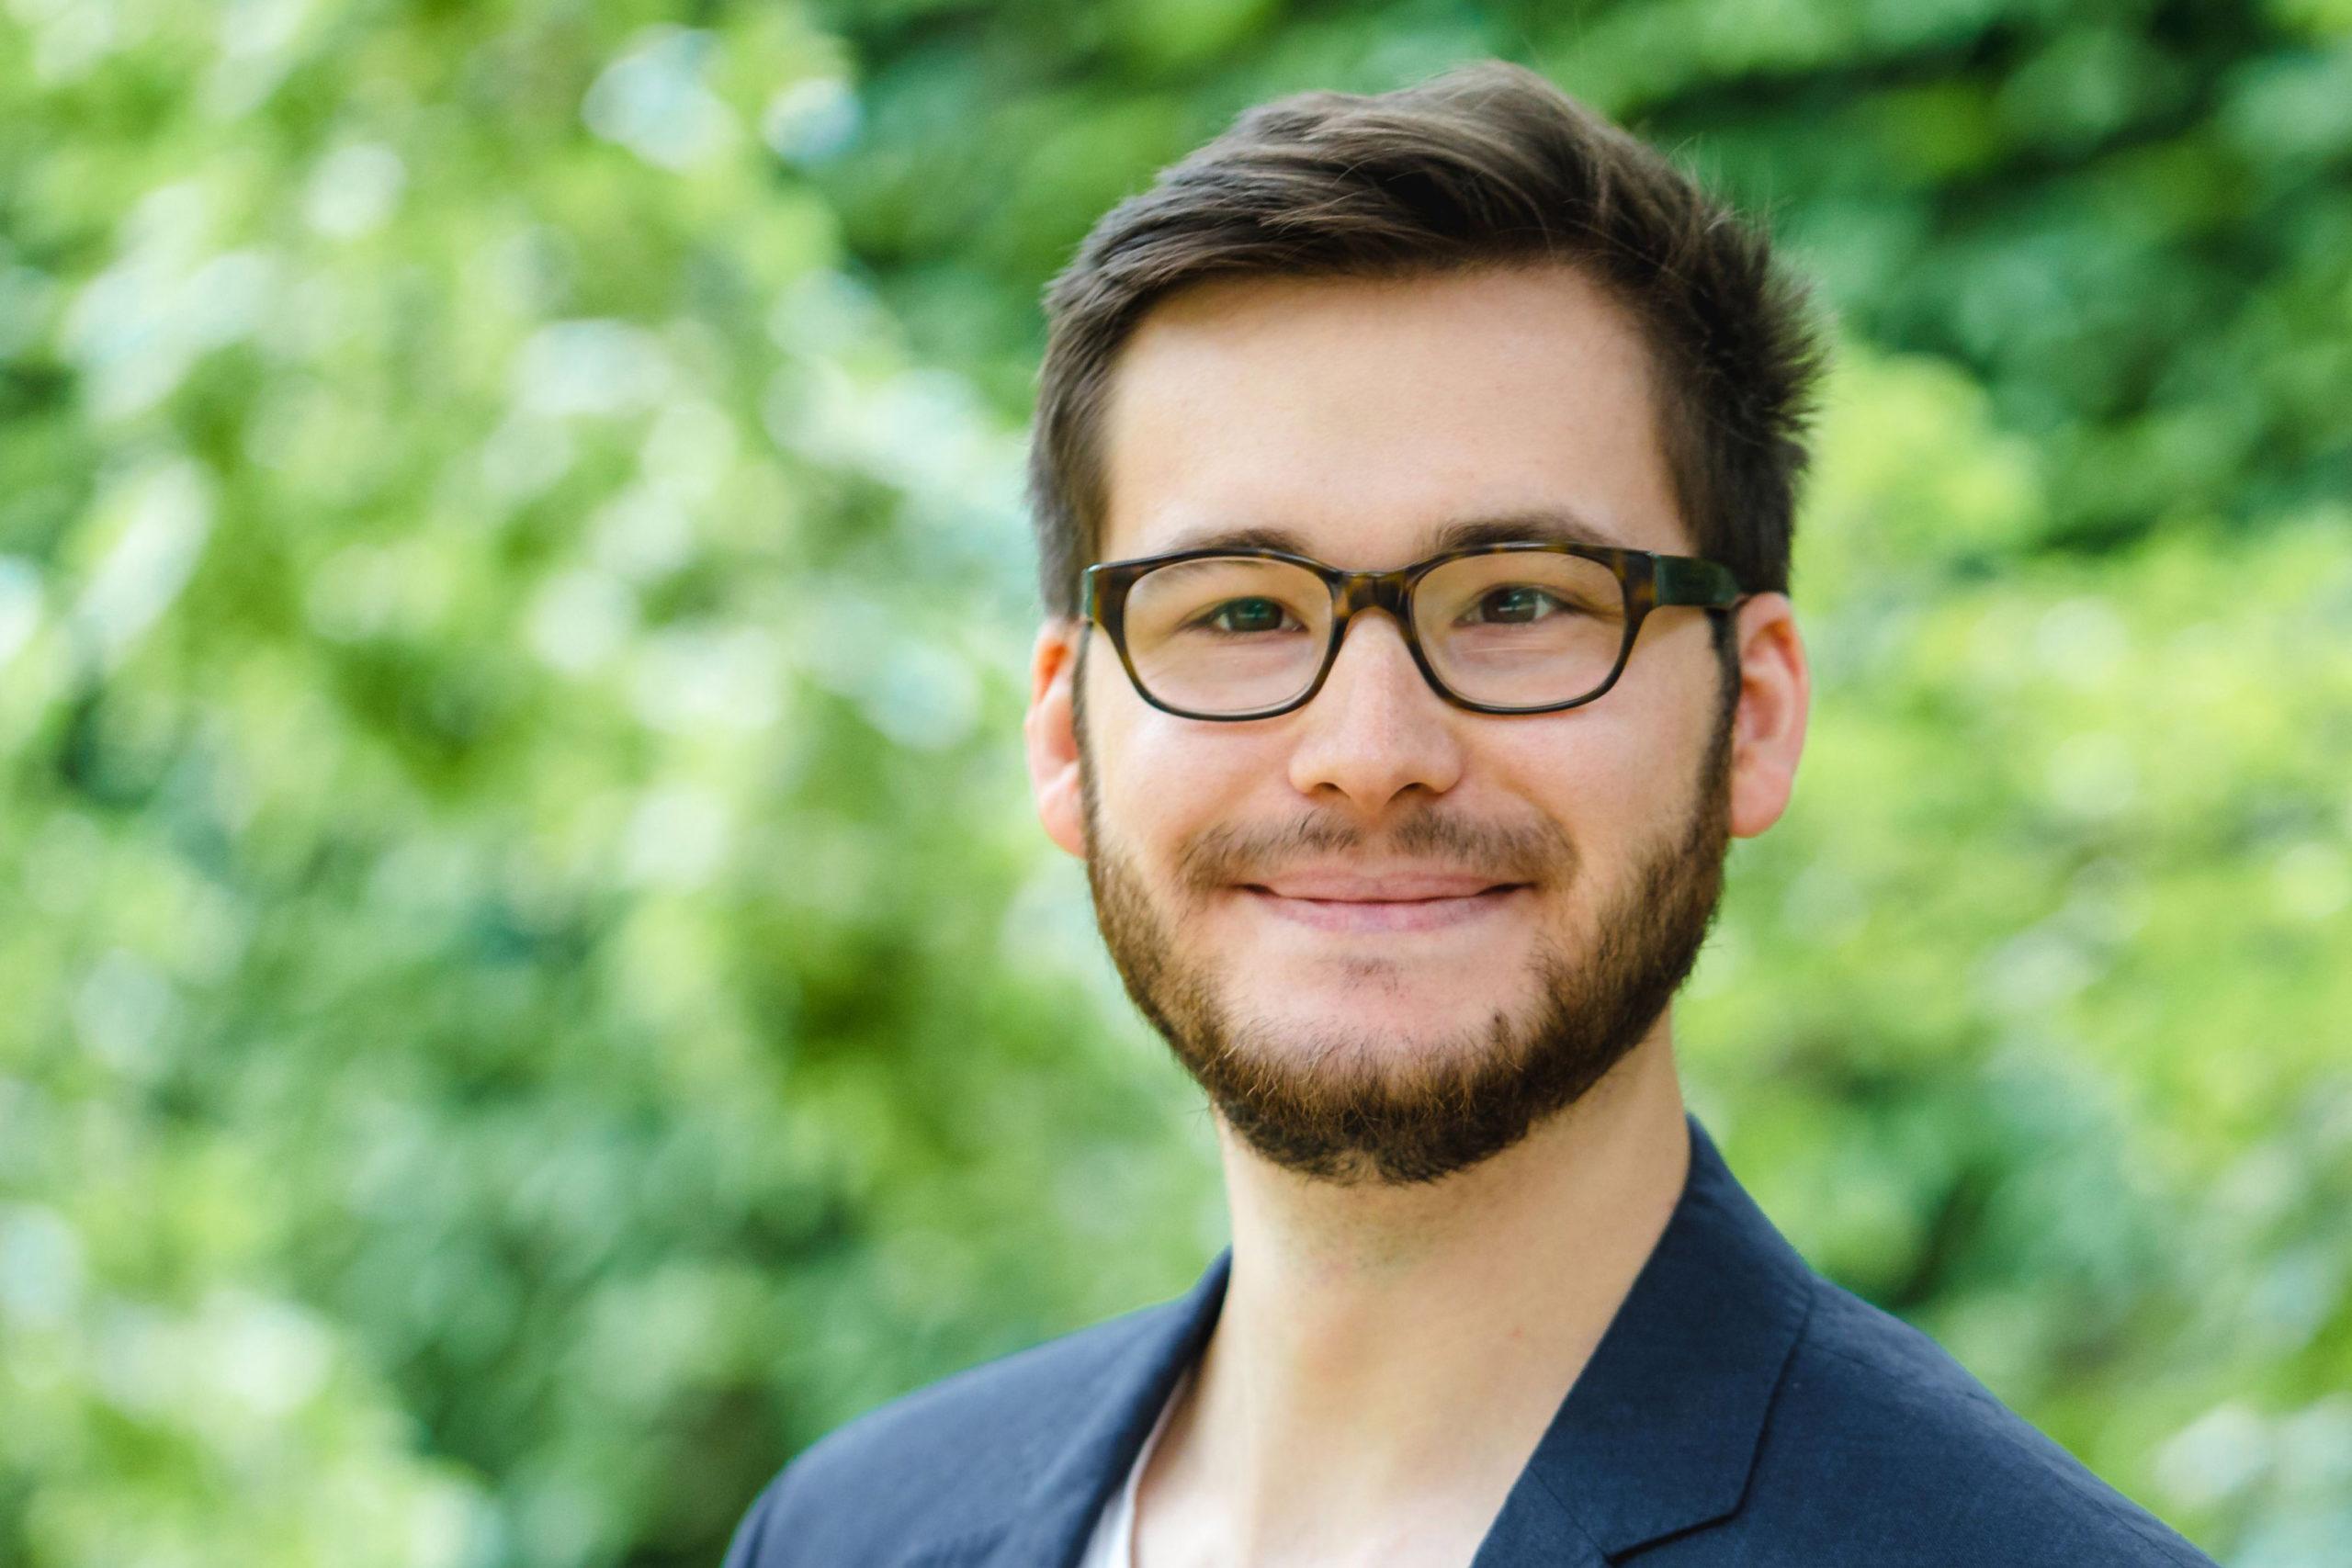 Daniel Almendinger